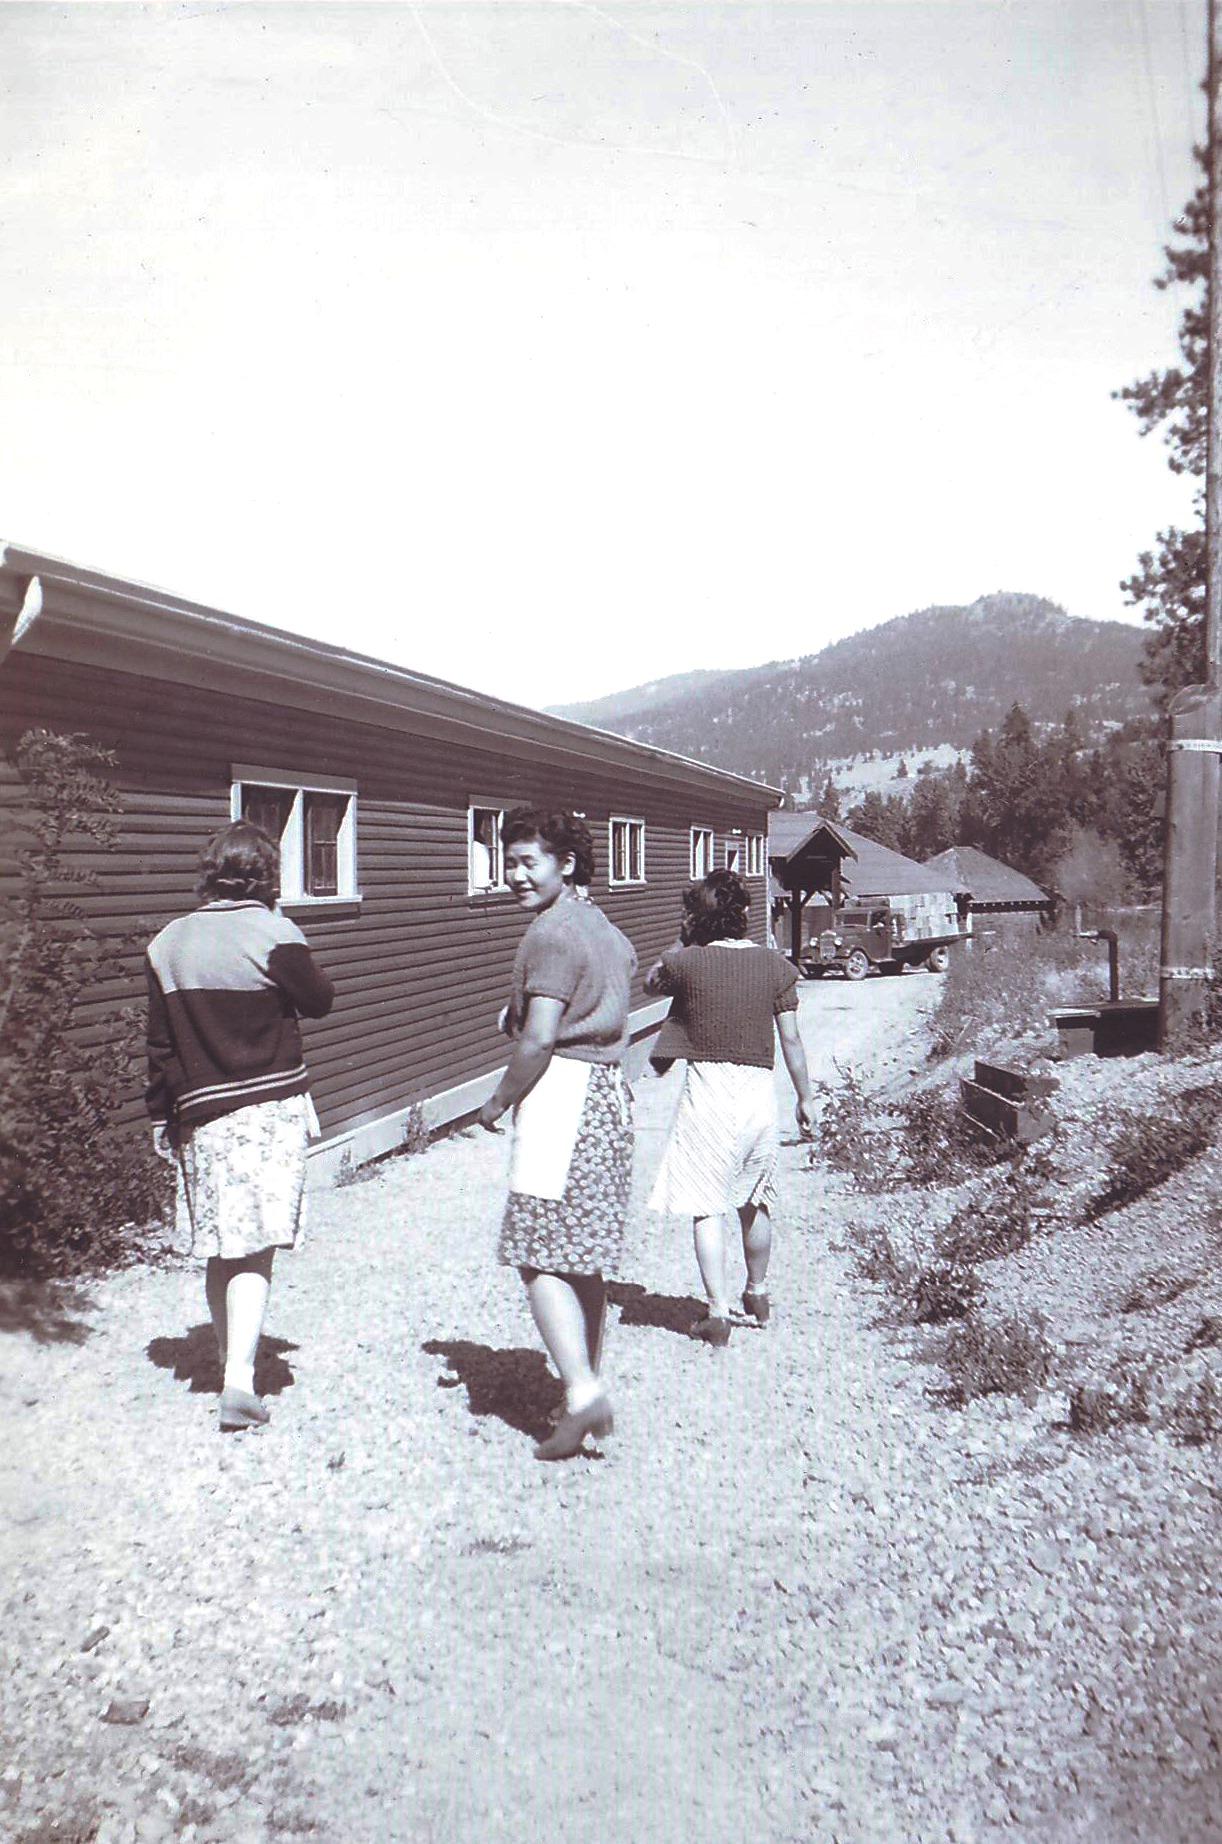 Photo en noir et blanc représentant trois femmes marchant le long d'un sentier près d'un édifice de bois d'un étage. Deux des femmes tournent le dos au photographe et la troisième se retourne pour le regarder.